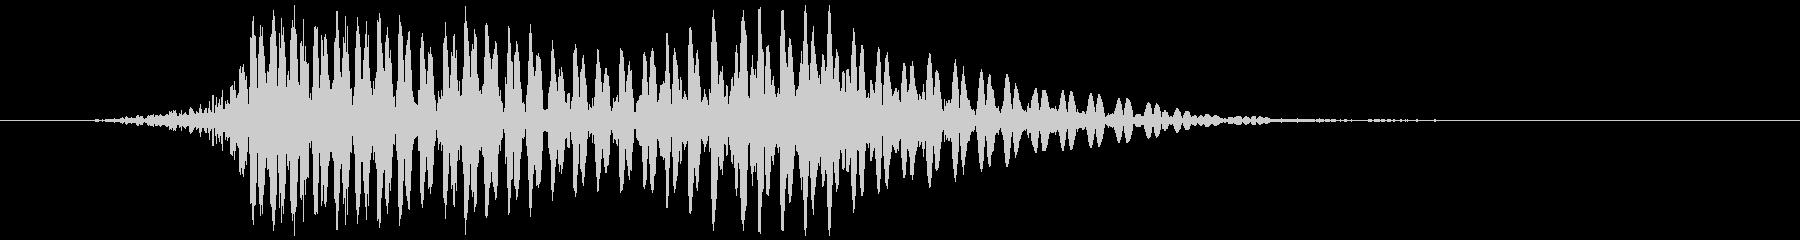 ハロウィン (モンスターボイス)の未再生の波形